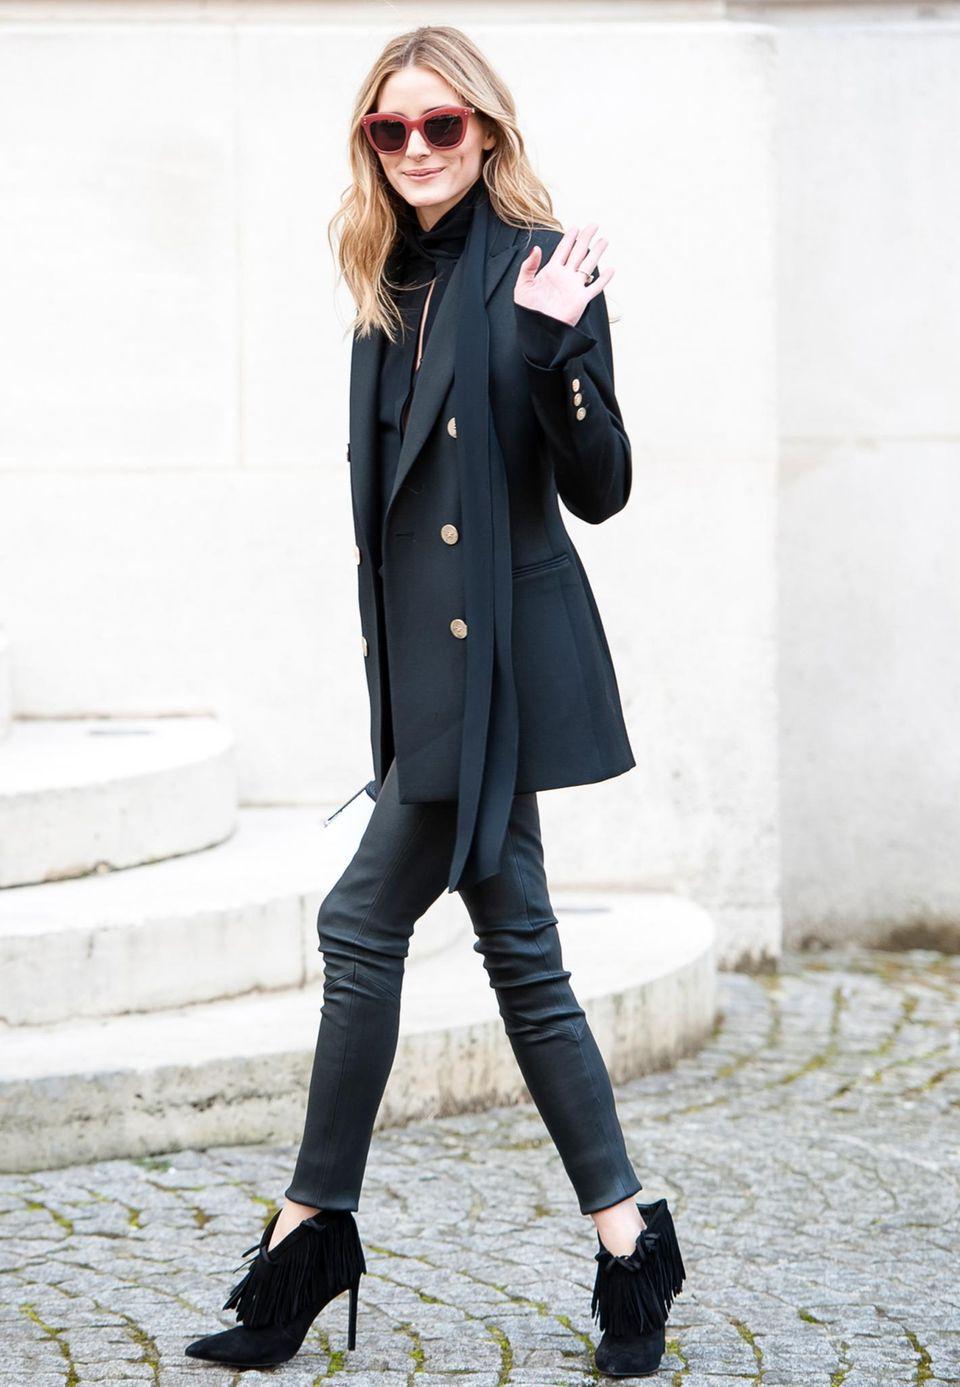 Einen absolut perfekten Look präsentiert Olivia Palermo auf dem Weg zur Balmain-Show im Rahmen der Parises Fashionweek. Zum Balmain Blazer trägt sie Lederröhre, Schuhe im angesagten Fransenlook und Wow-Sonnenbrille.